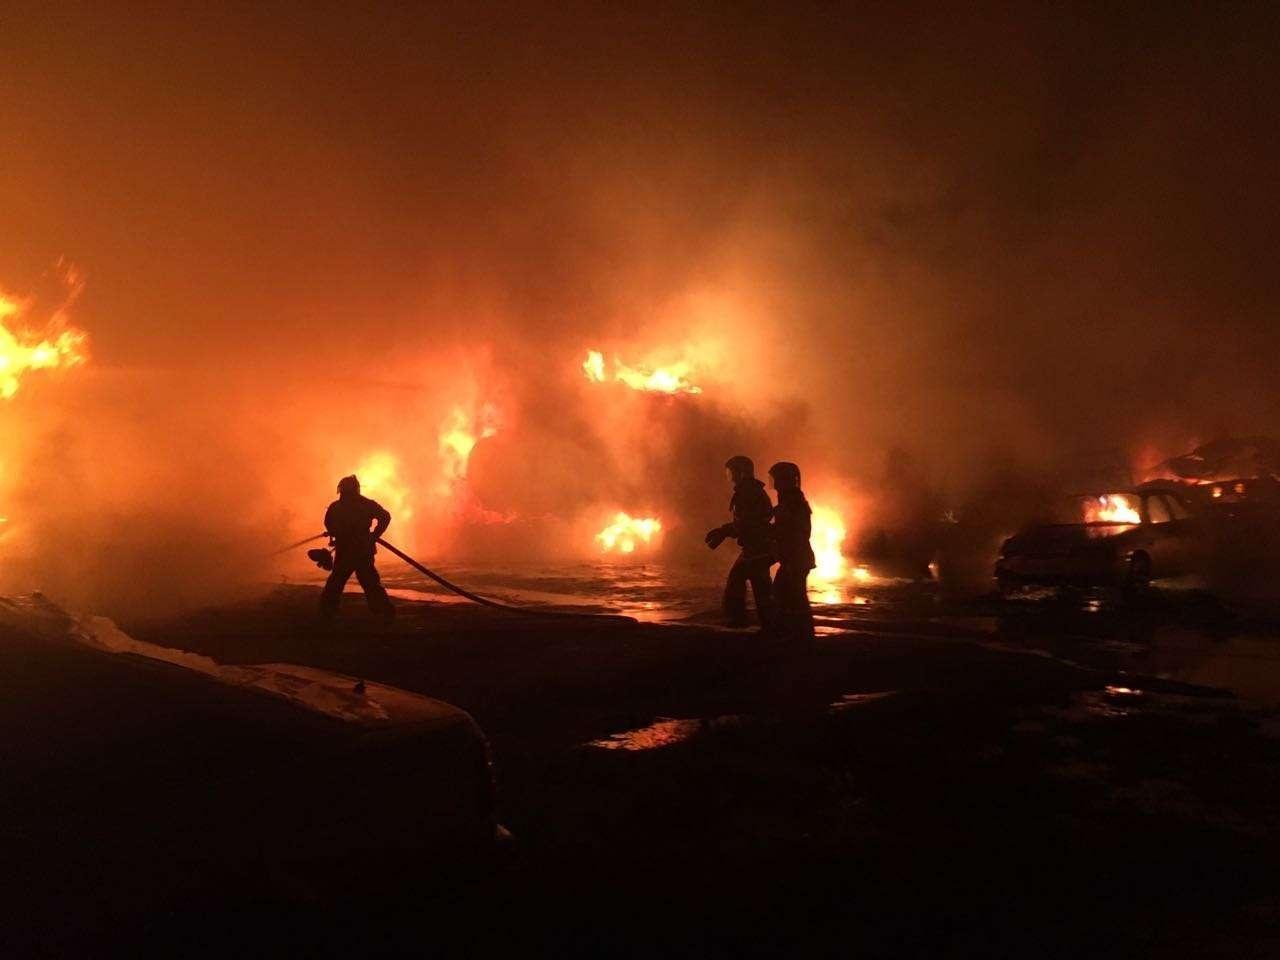 В пожаре на штрафстоянке сгорели 45 автомобилей